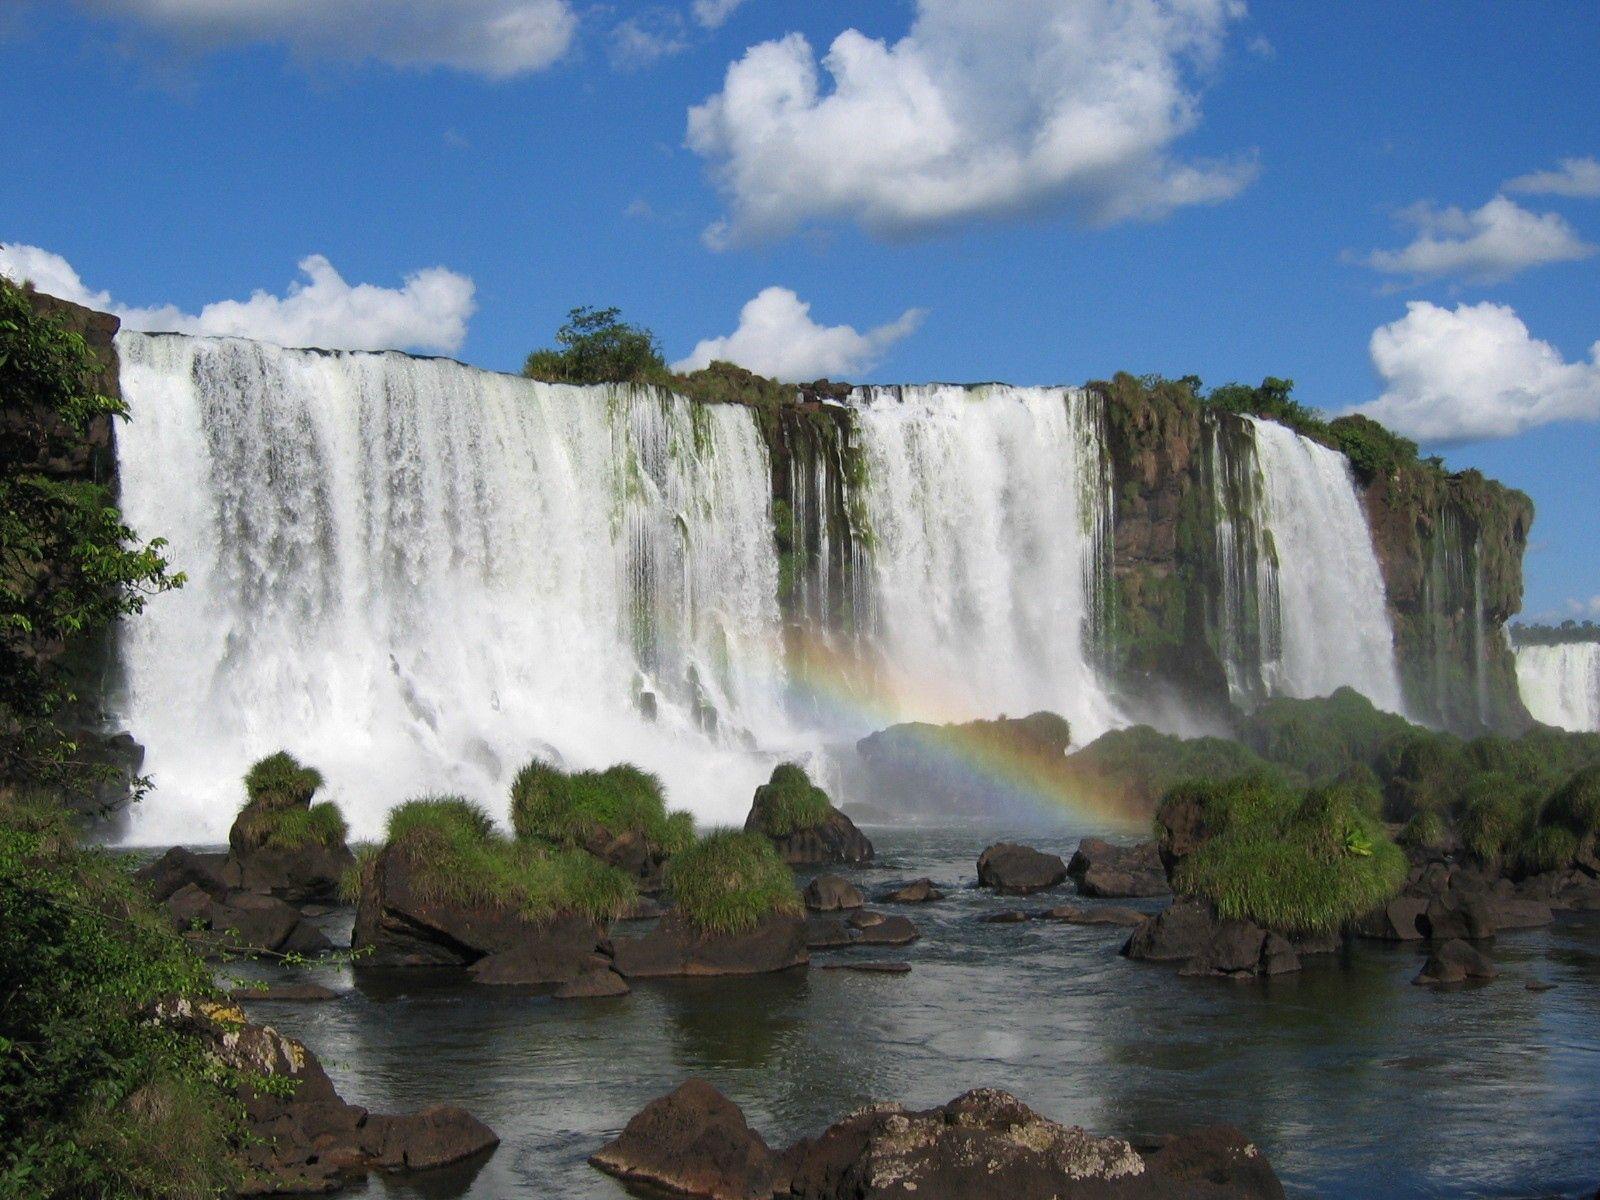 93860 Hintergrundbild herunterladen Natur, Stones, Sky, Clouds, Wasserfälle, Regenbogen, Felsen, Die Steine - Bildschirmschoner und Bilder kostenlos